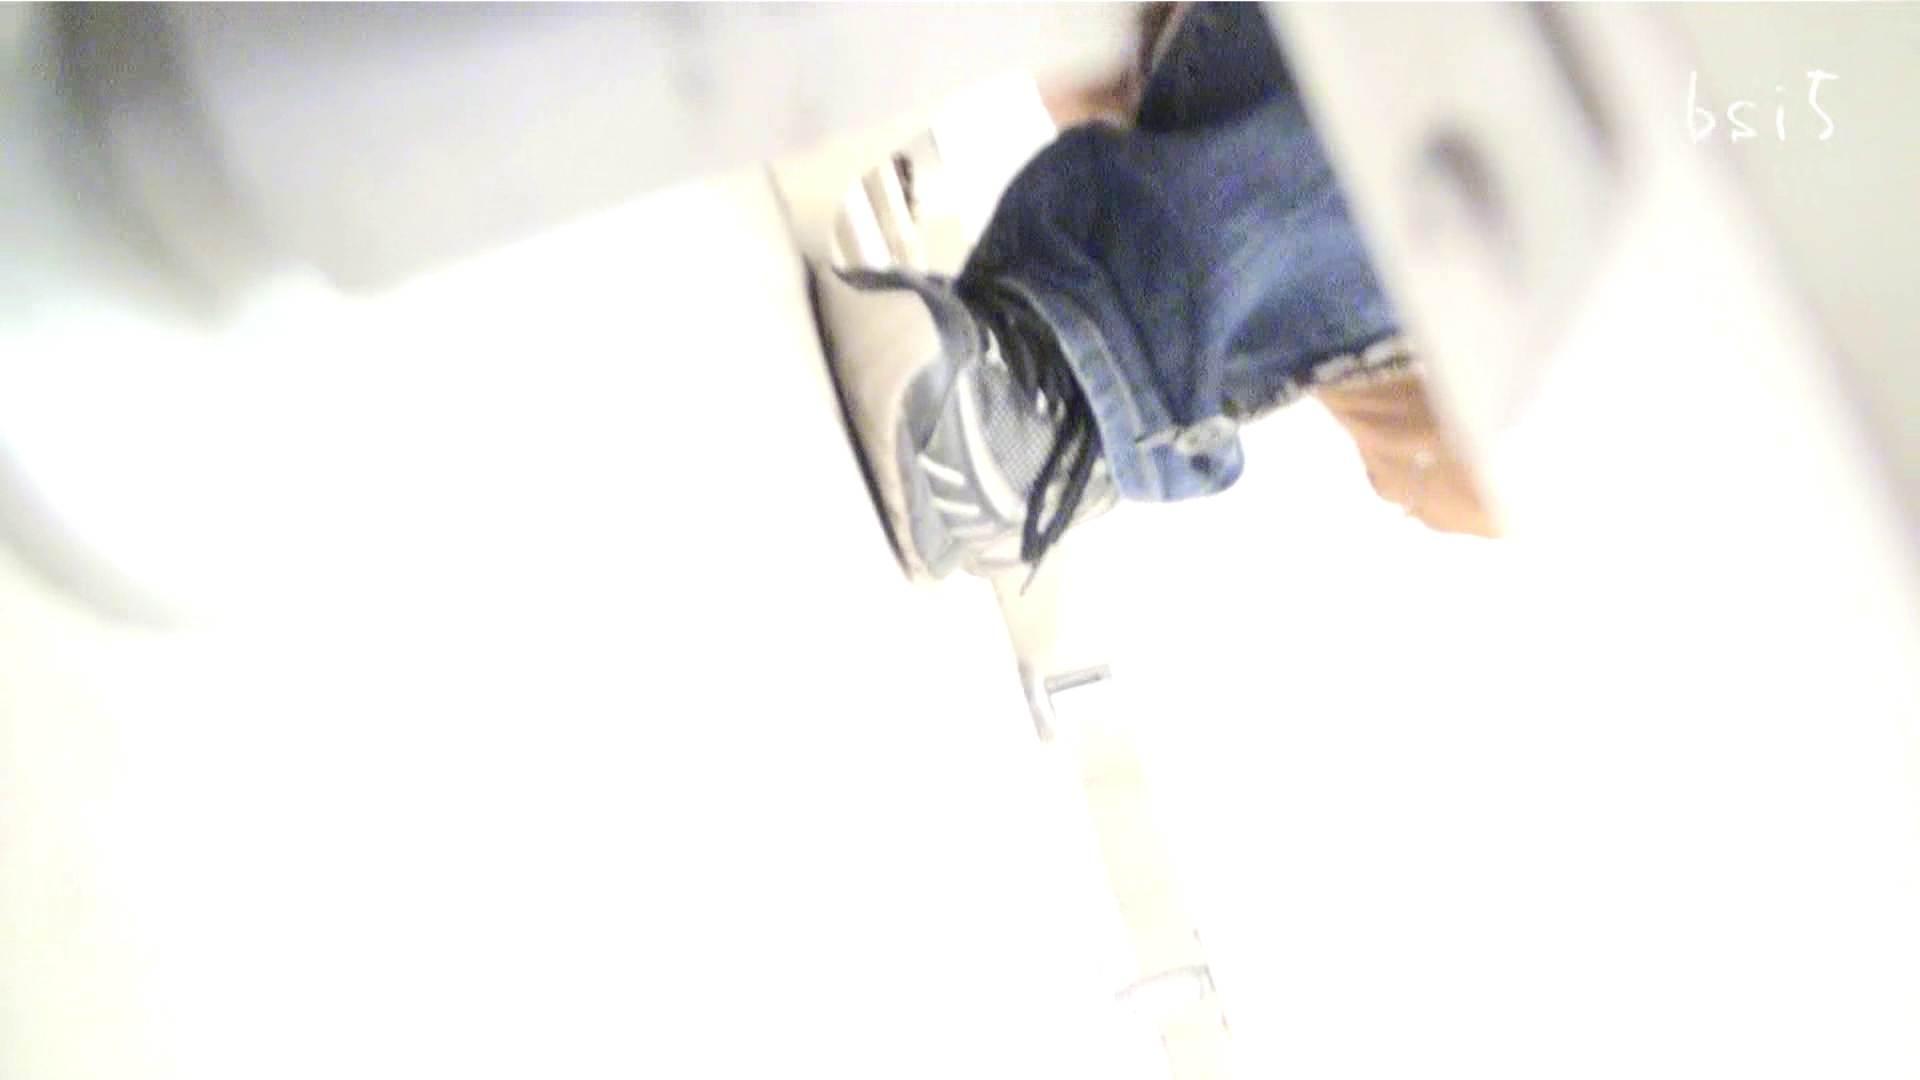 ナースのお小水 vol.005 OLセックス 覗きぱこり動画紹介 56画像 38